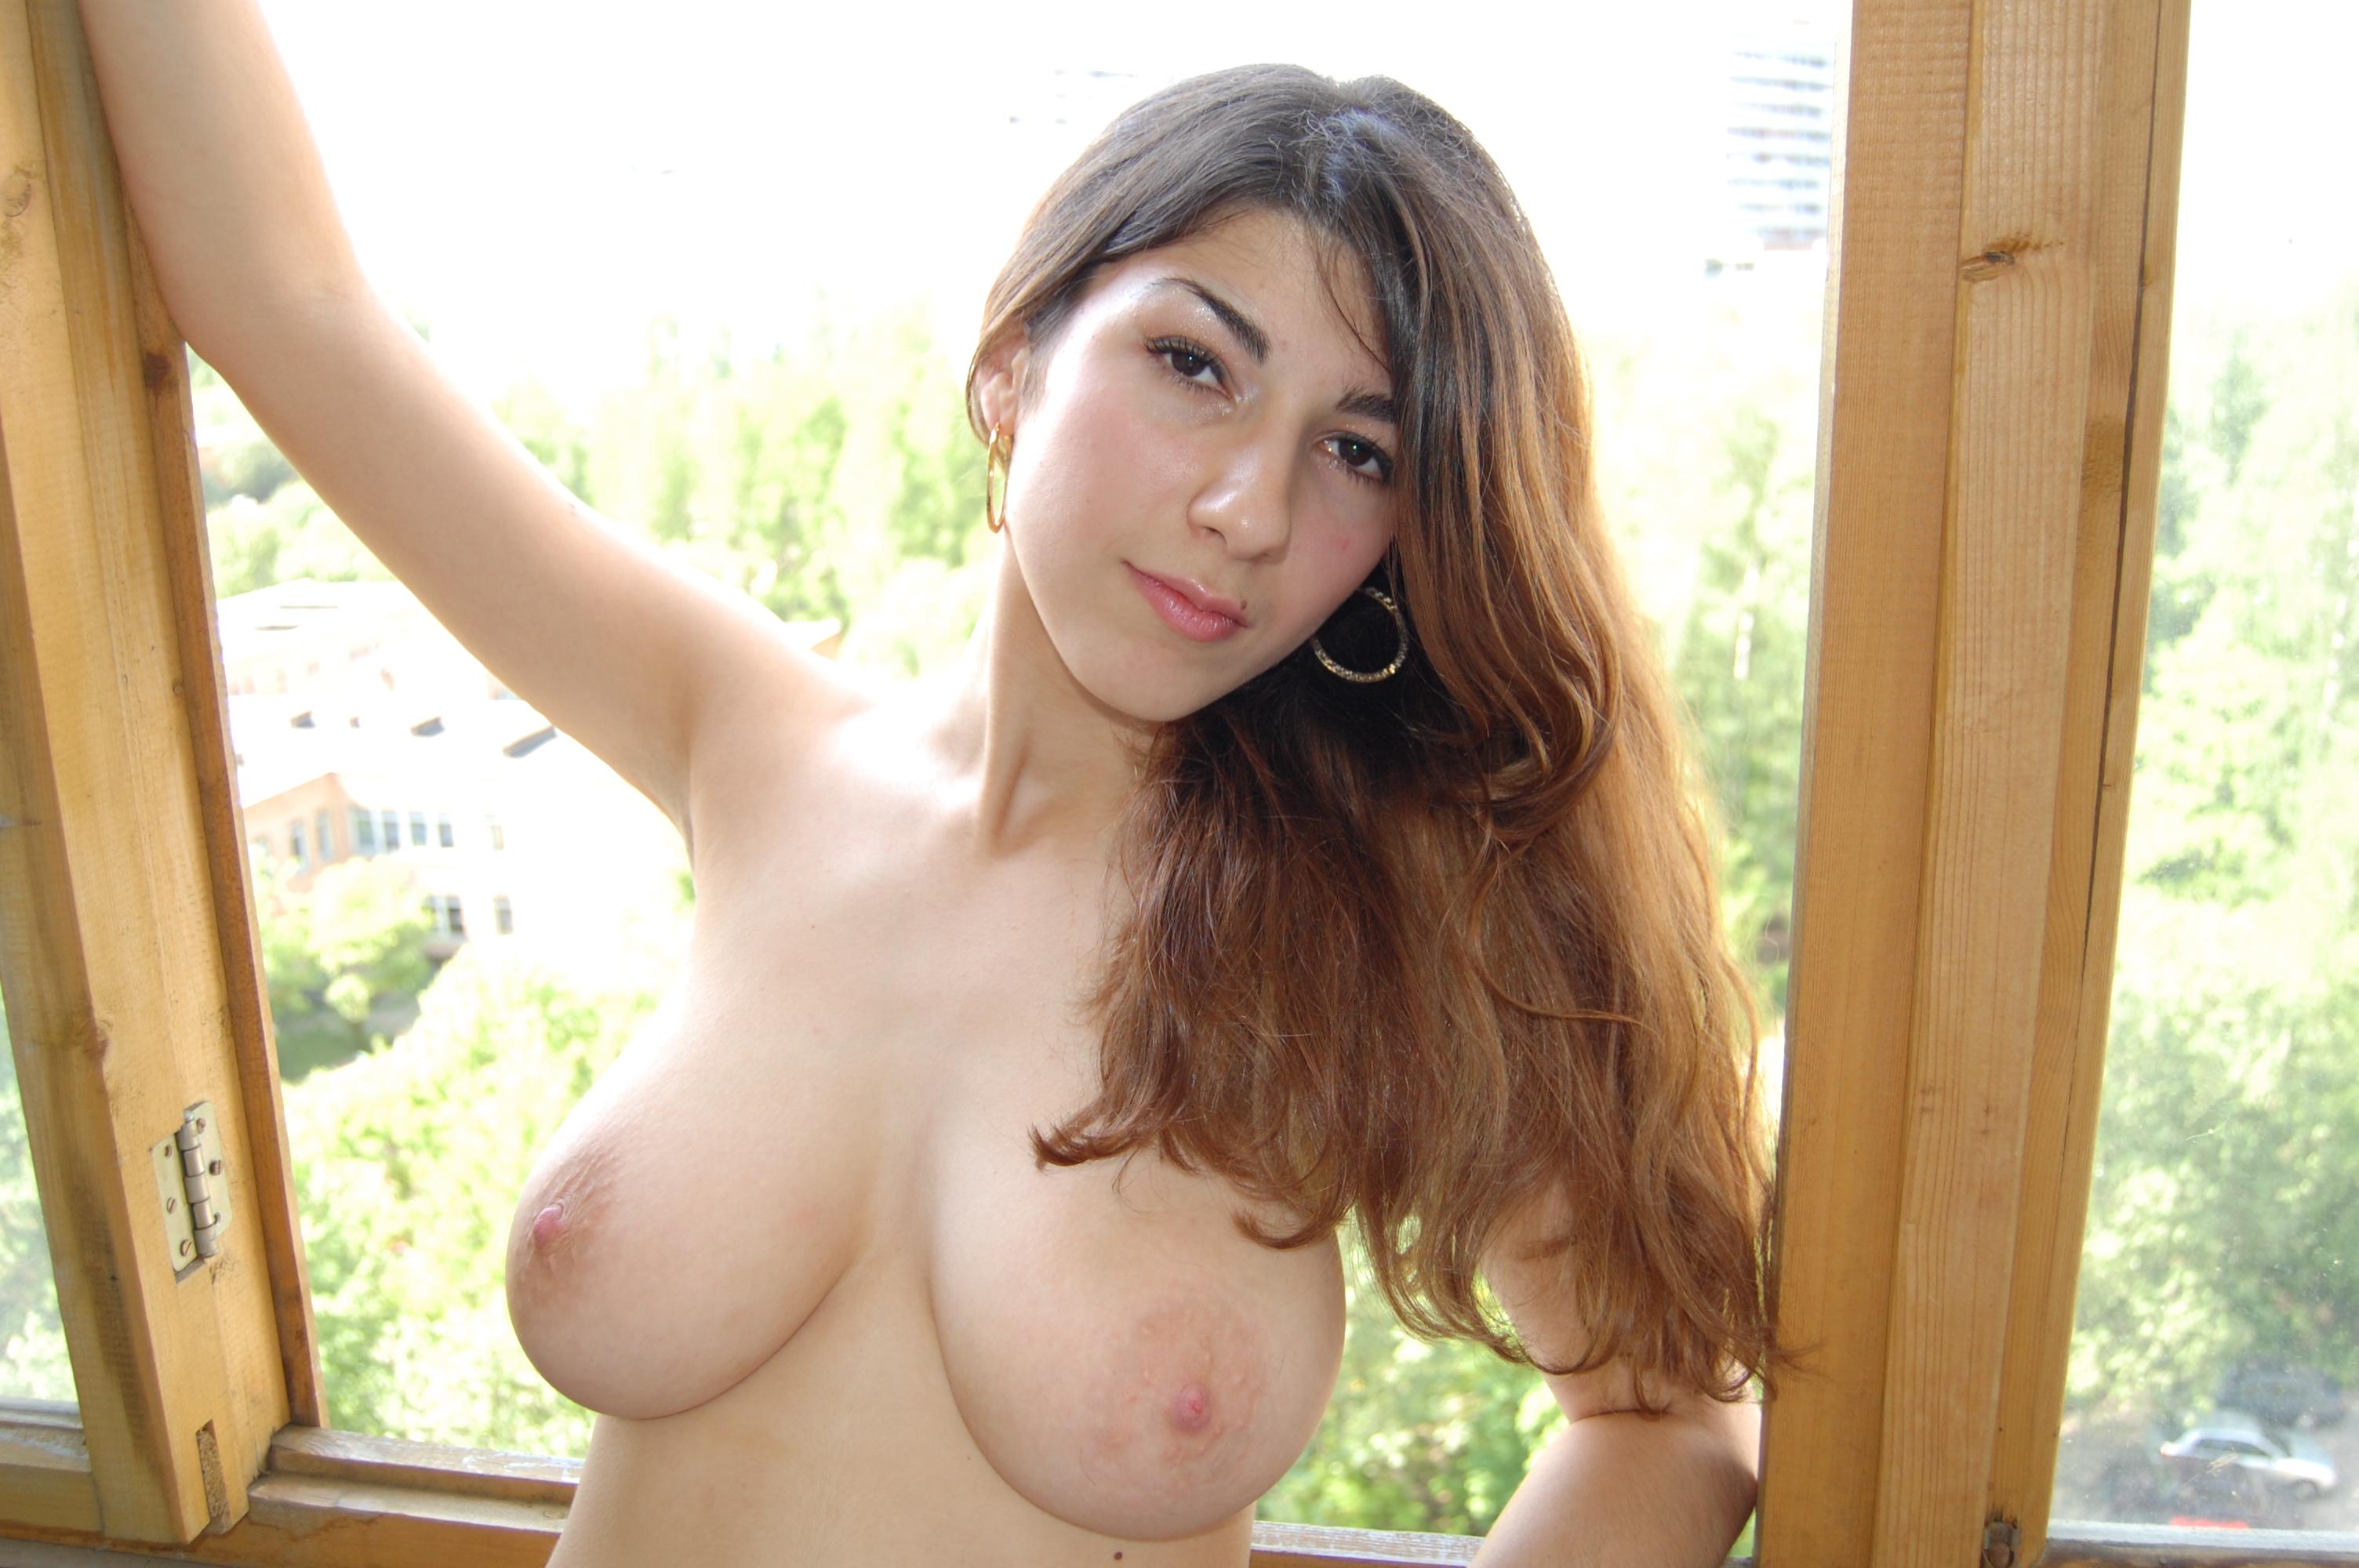 Фото частное девушки большие груди 15 фотография